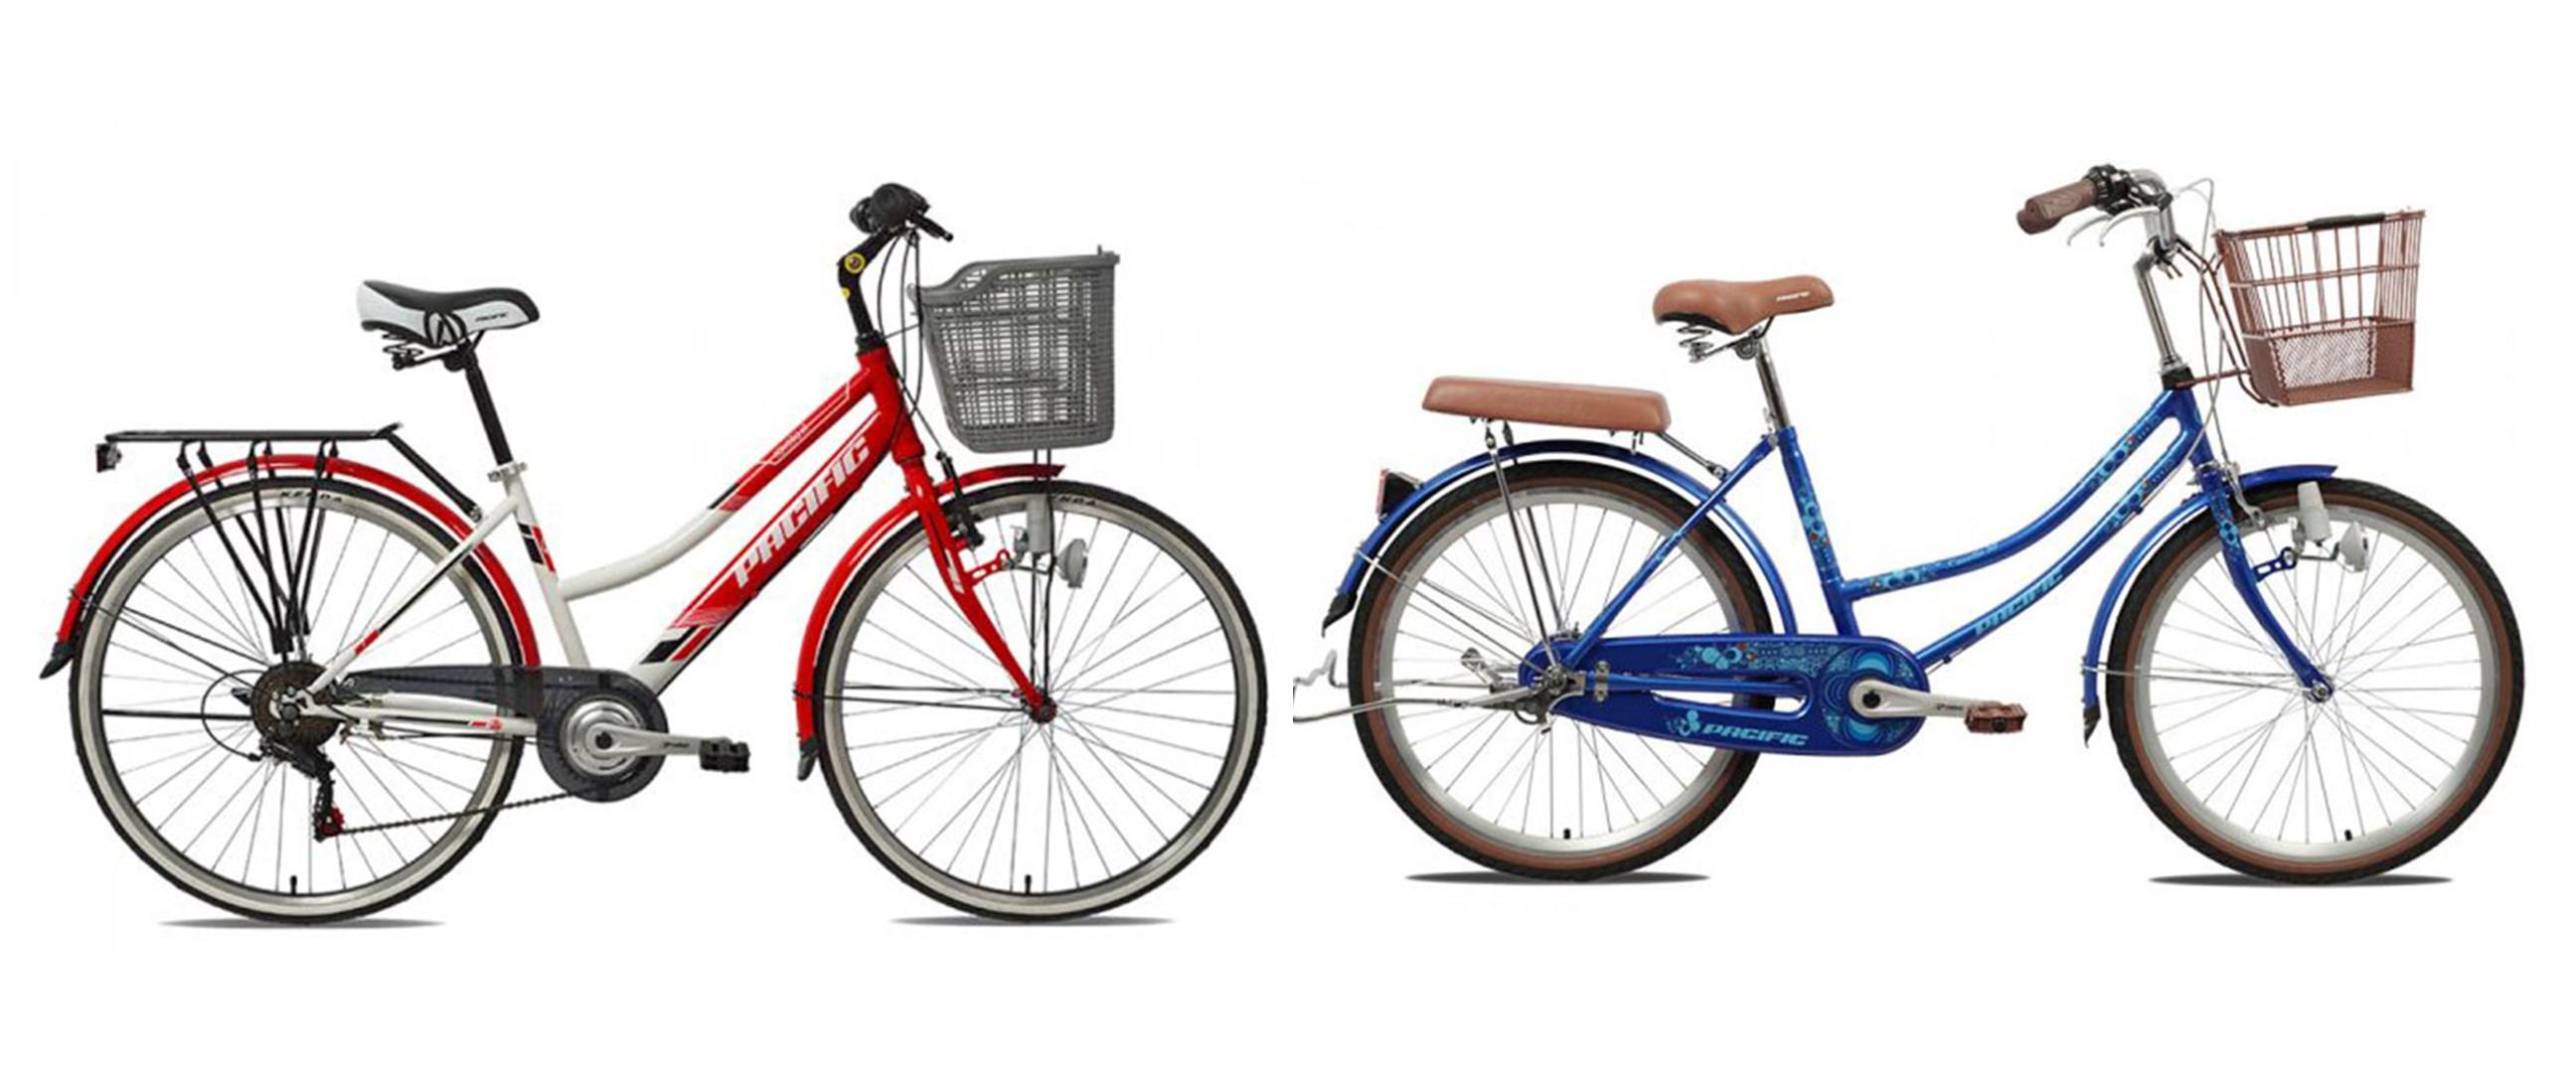 Harga sepeda urban Pacific di bawah Rp 2 juta dan spesifikasinya